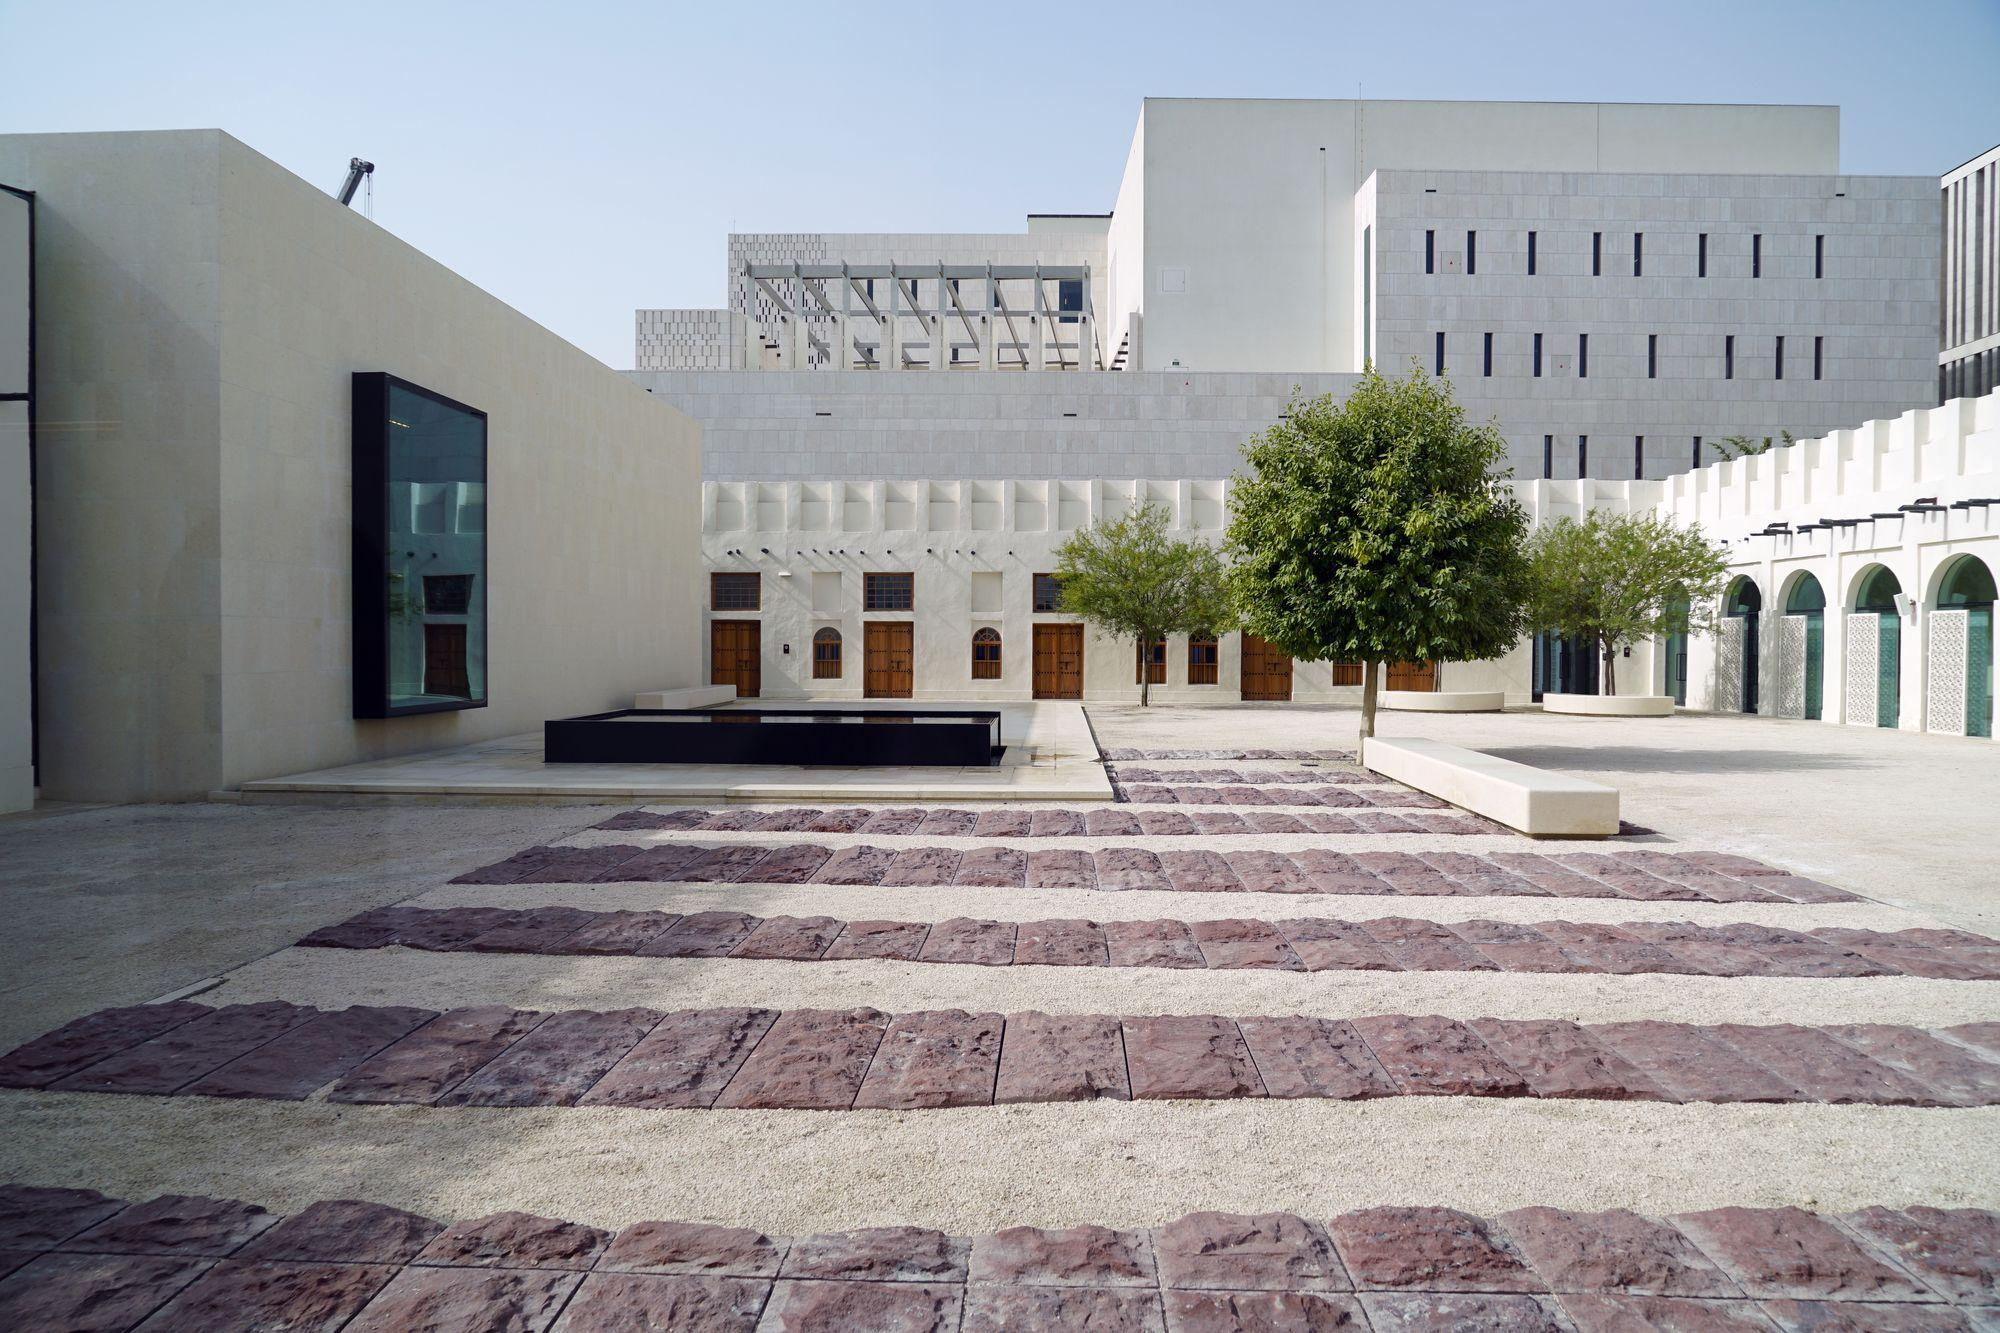 Les Musées Msheireb